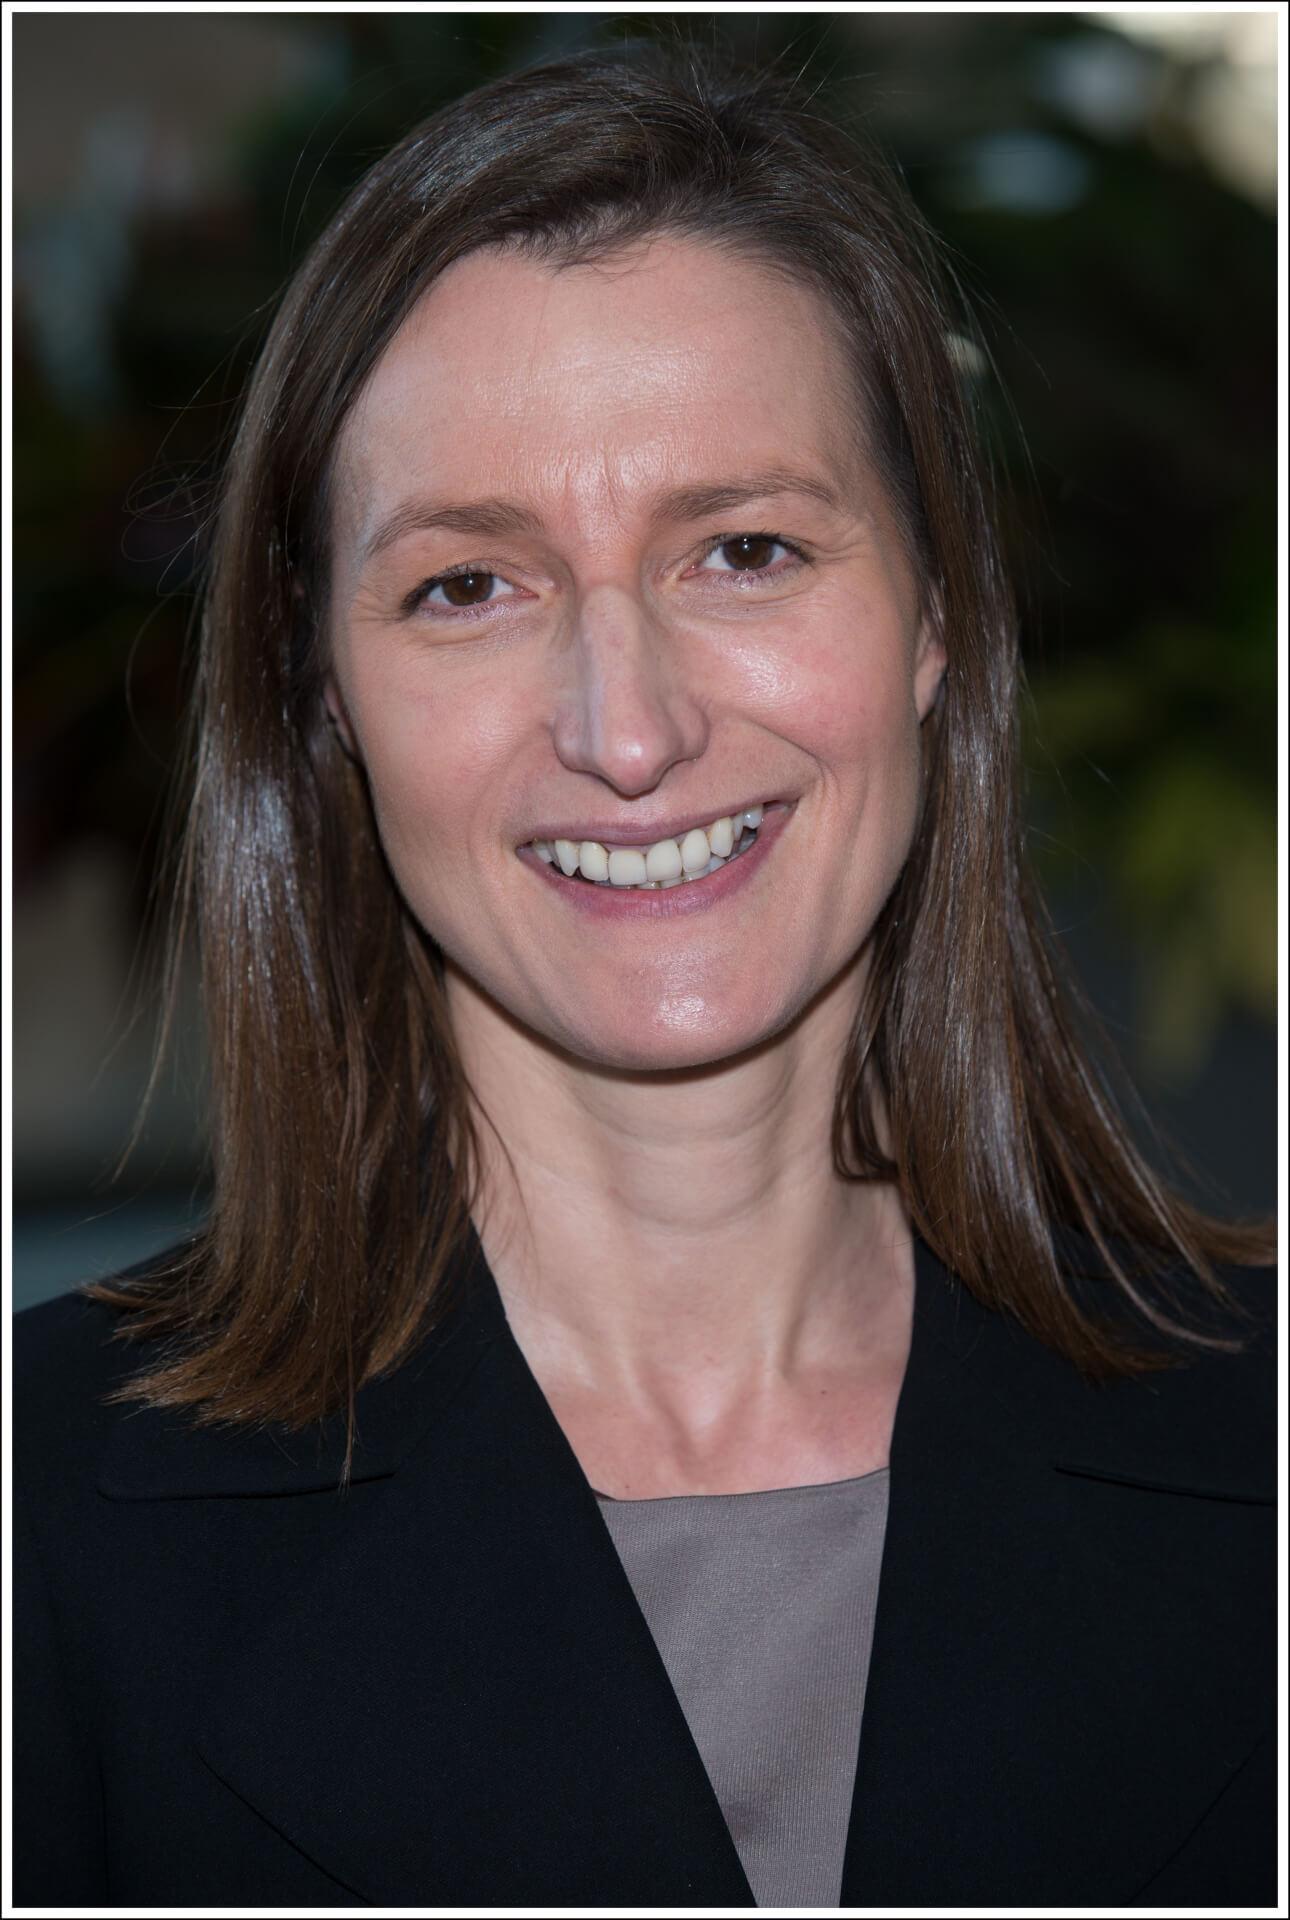 Carolyn Kenney